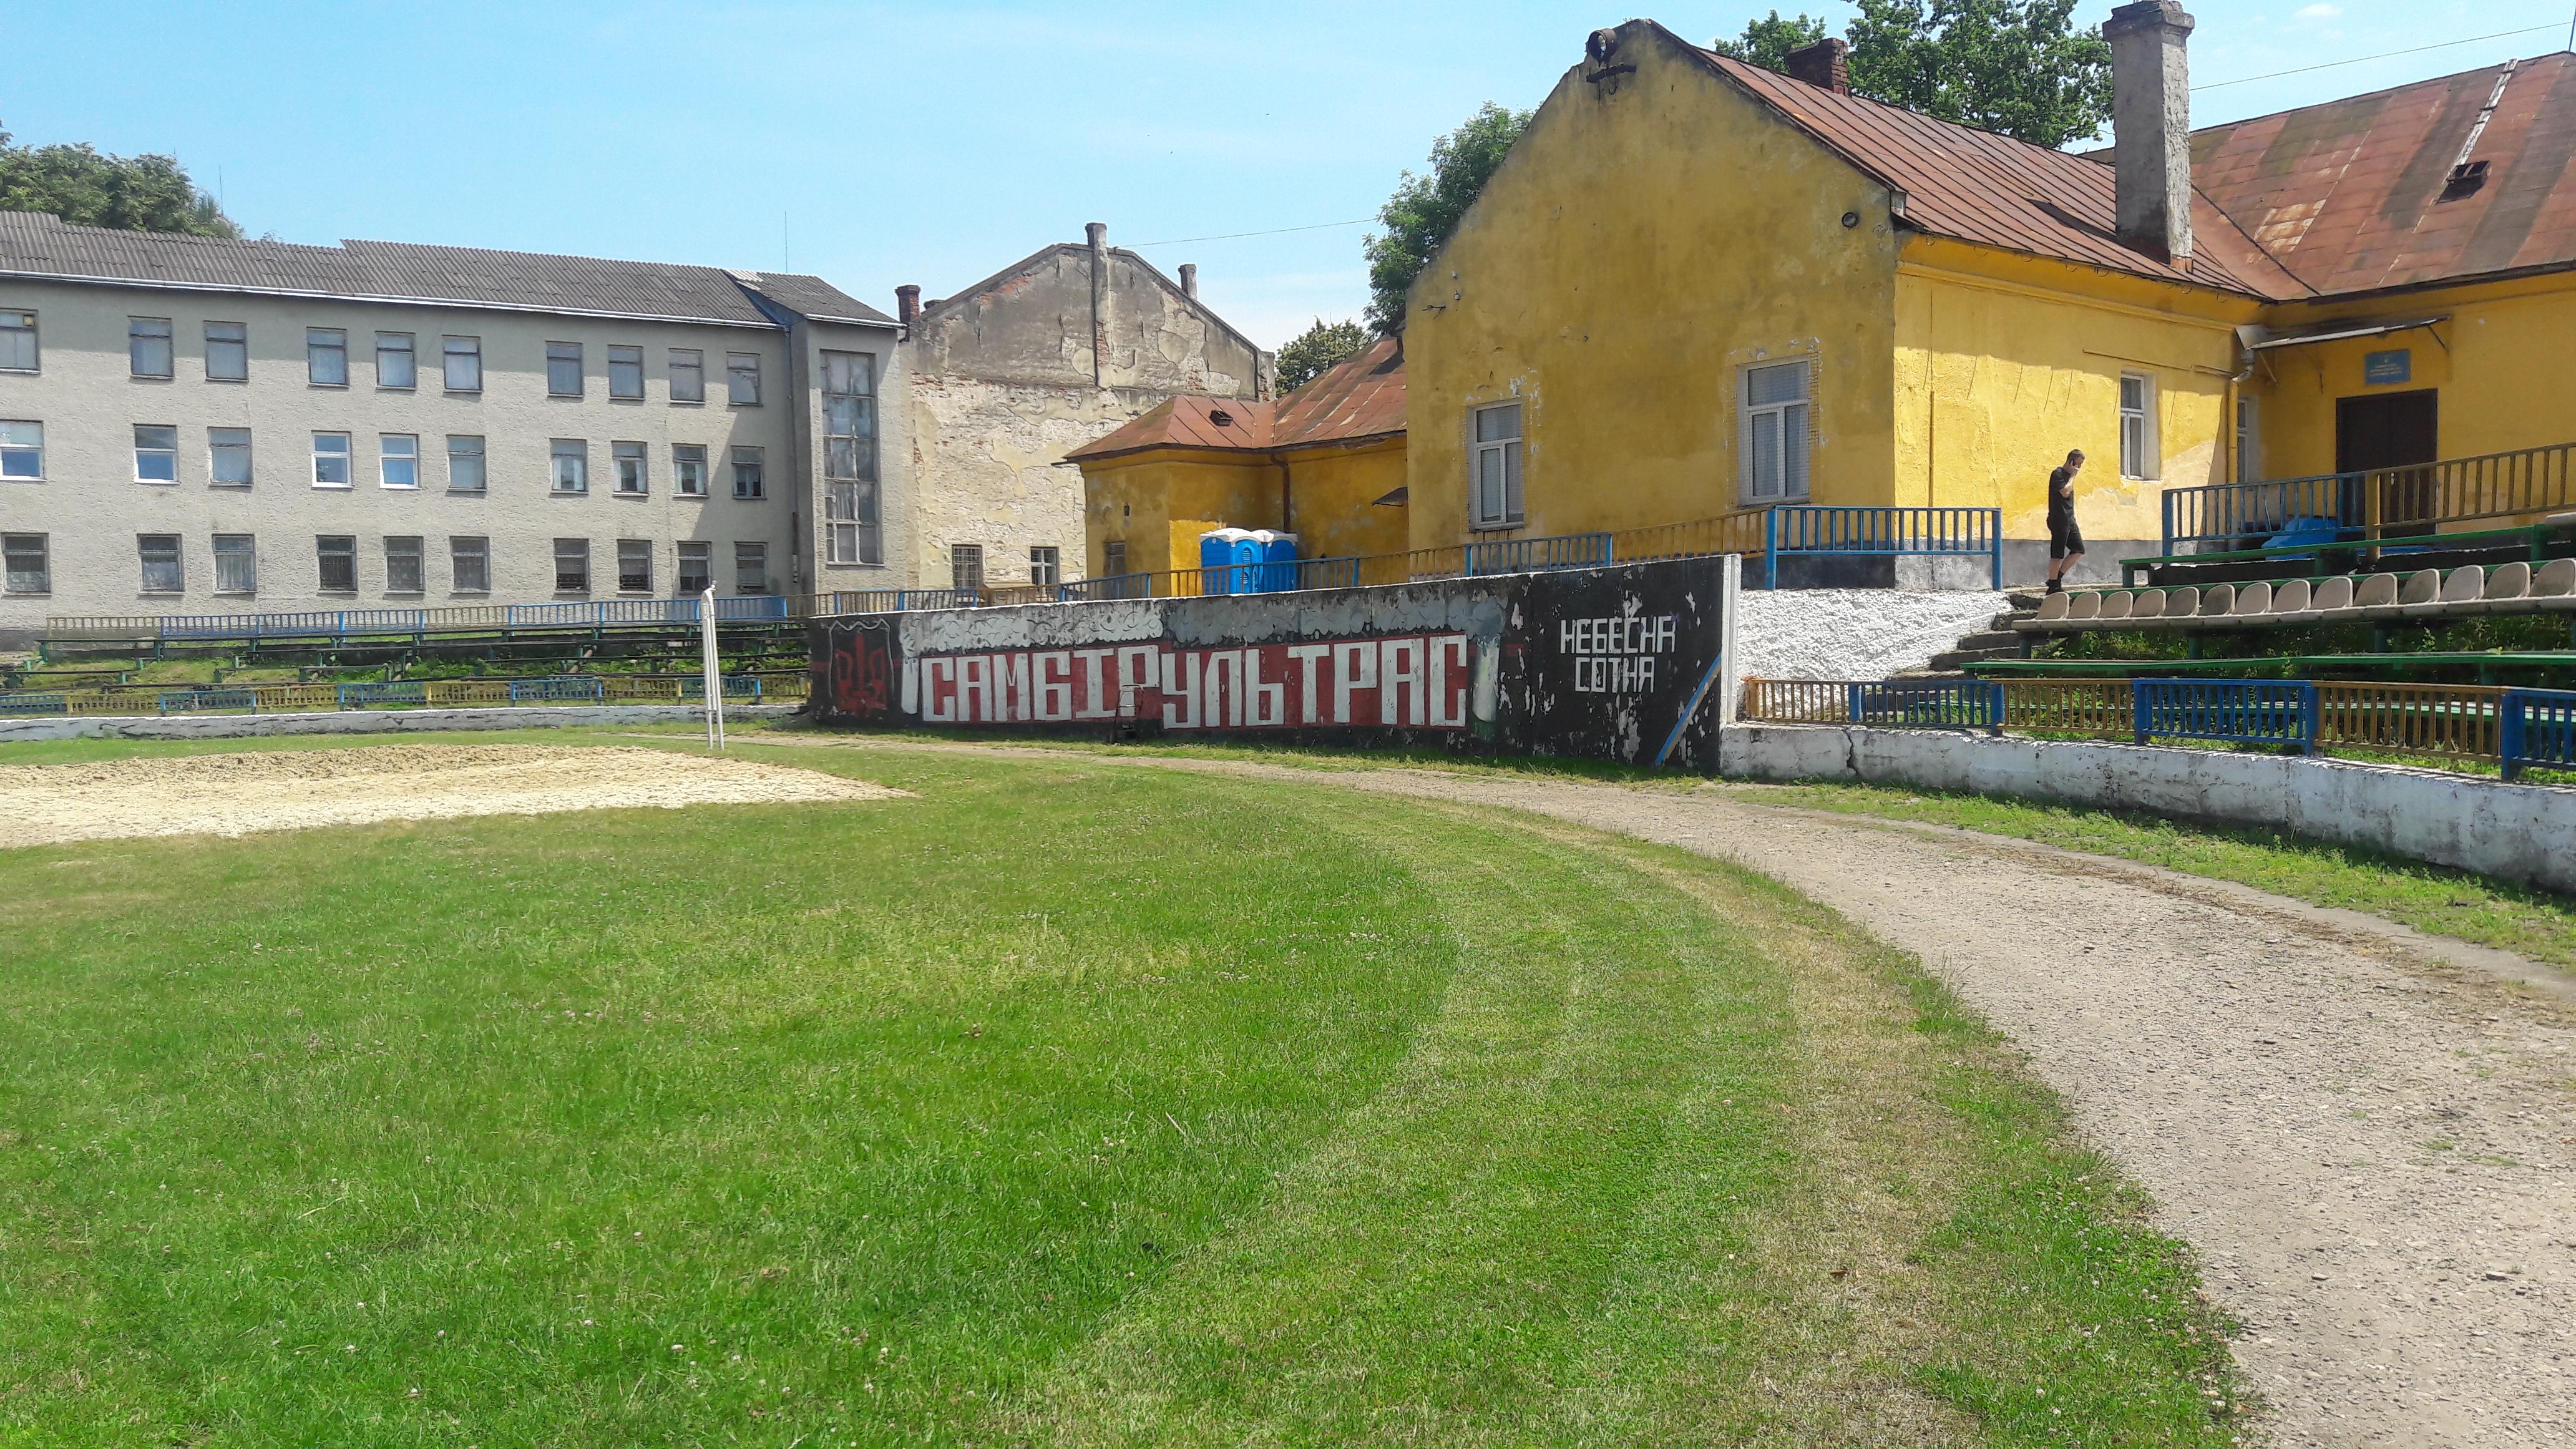 Провінційні стадіони України: Дерев'яно-пластикова арена у Самборі - фото 12